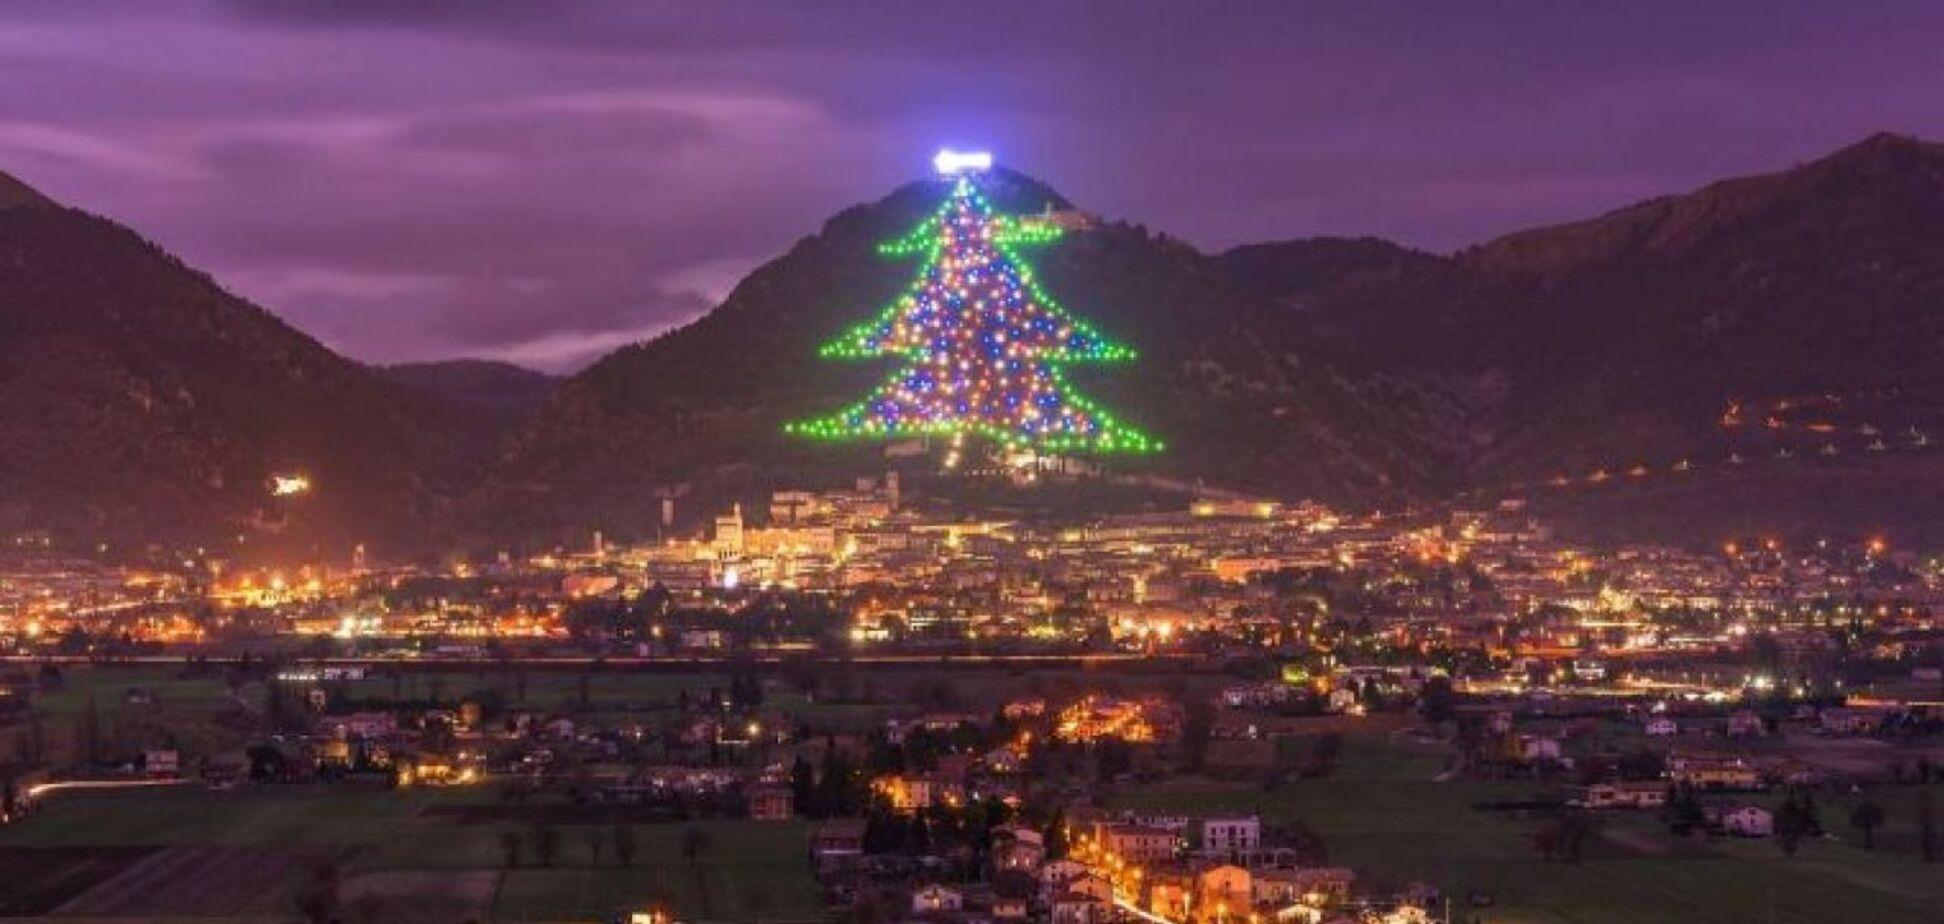 Найбільша у світі світлова інсталяція новорічної ялинки